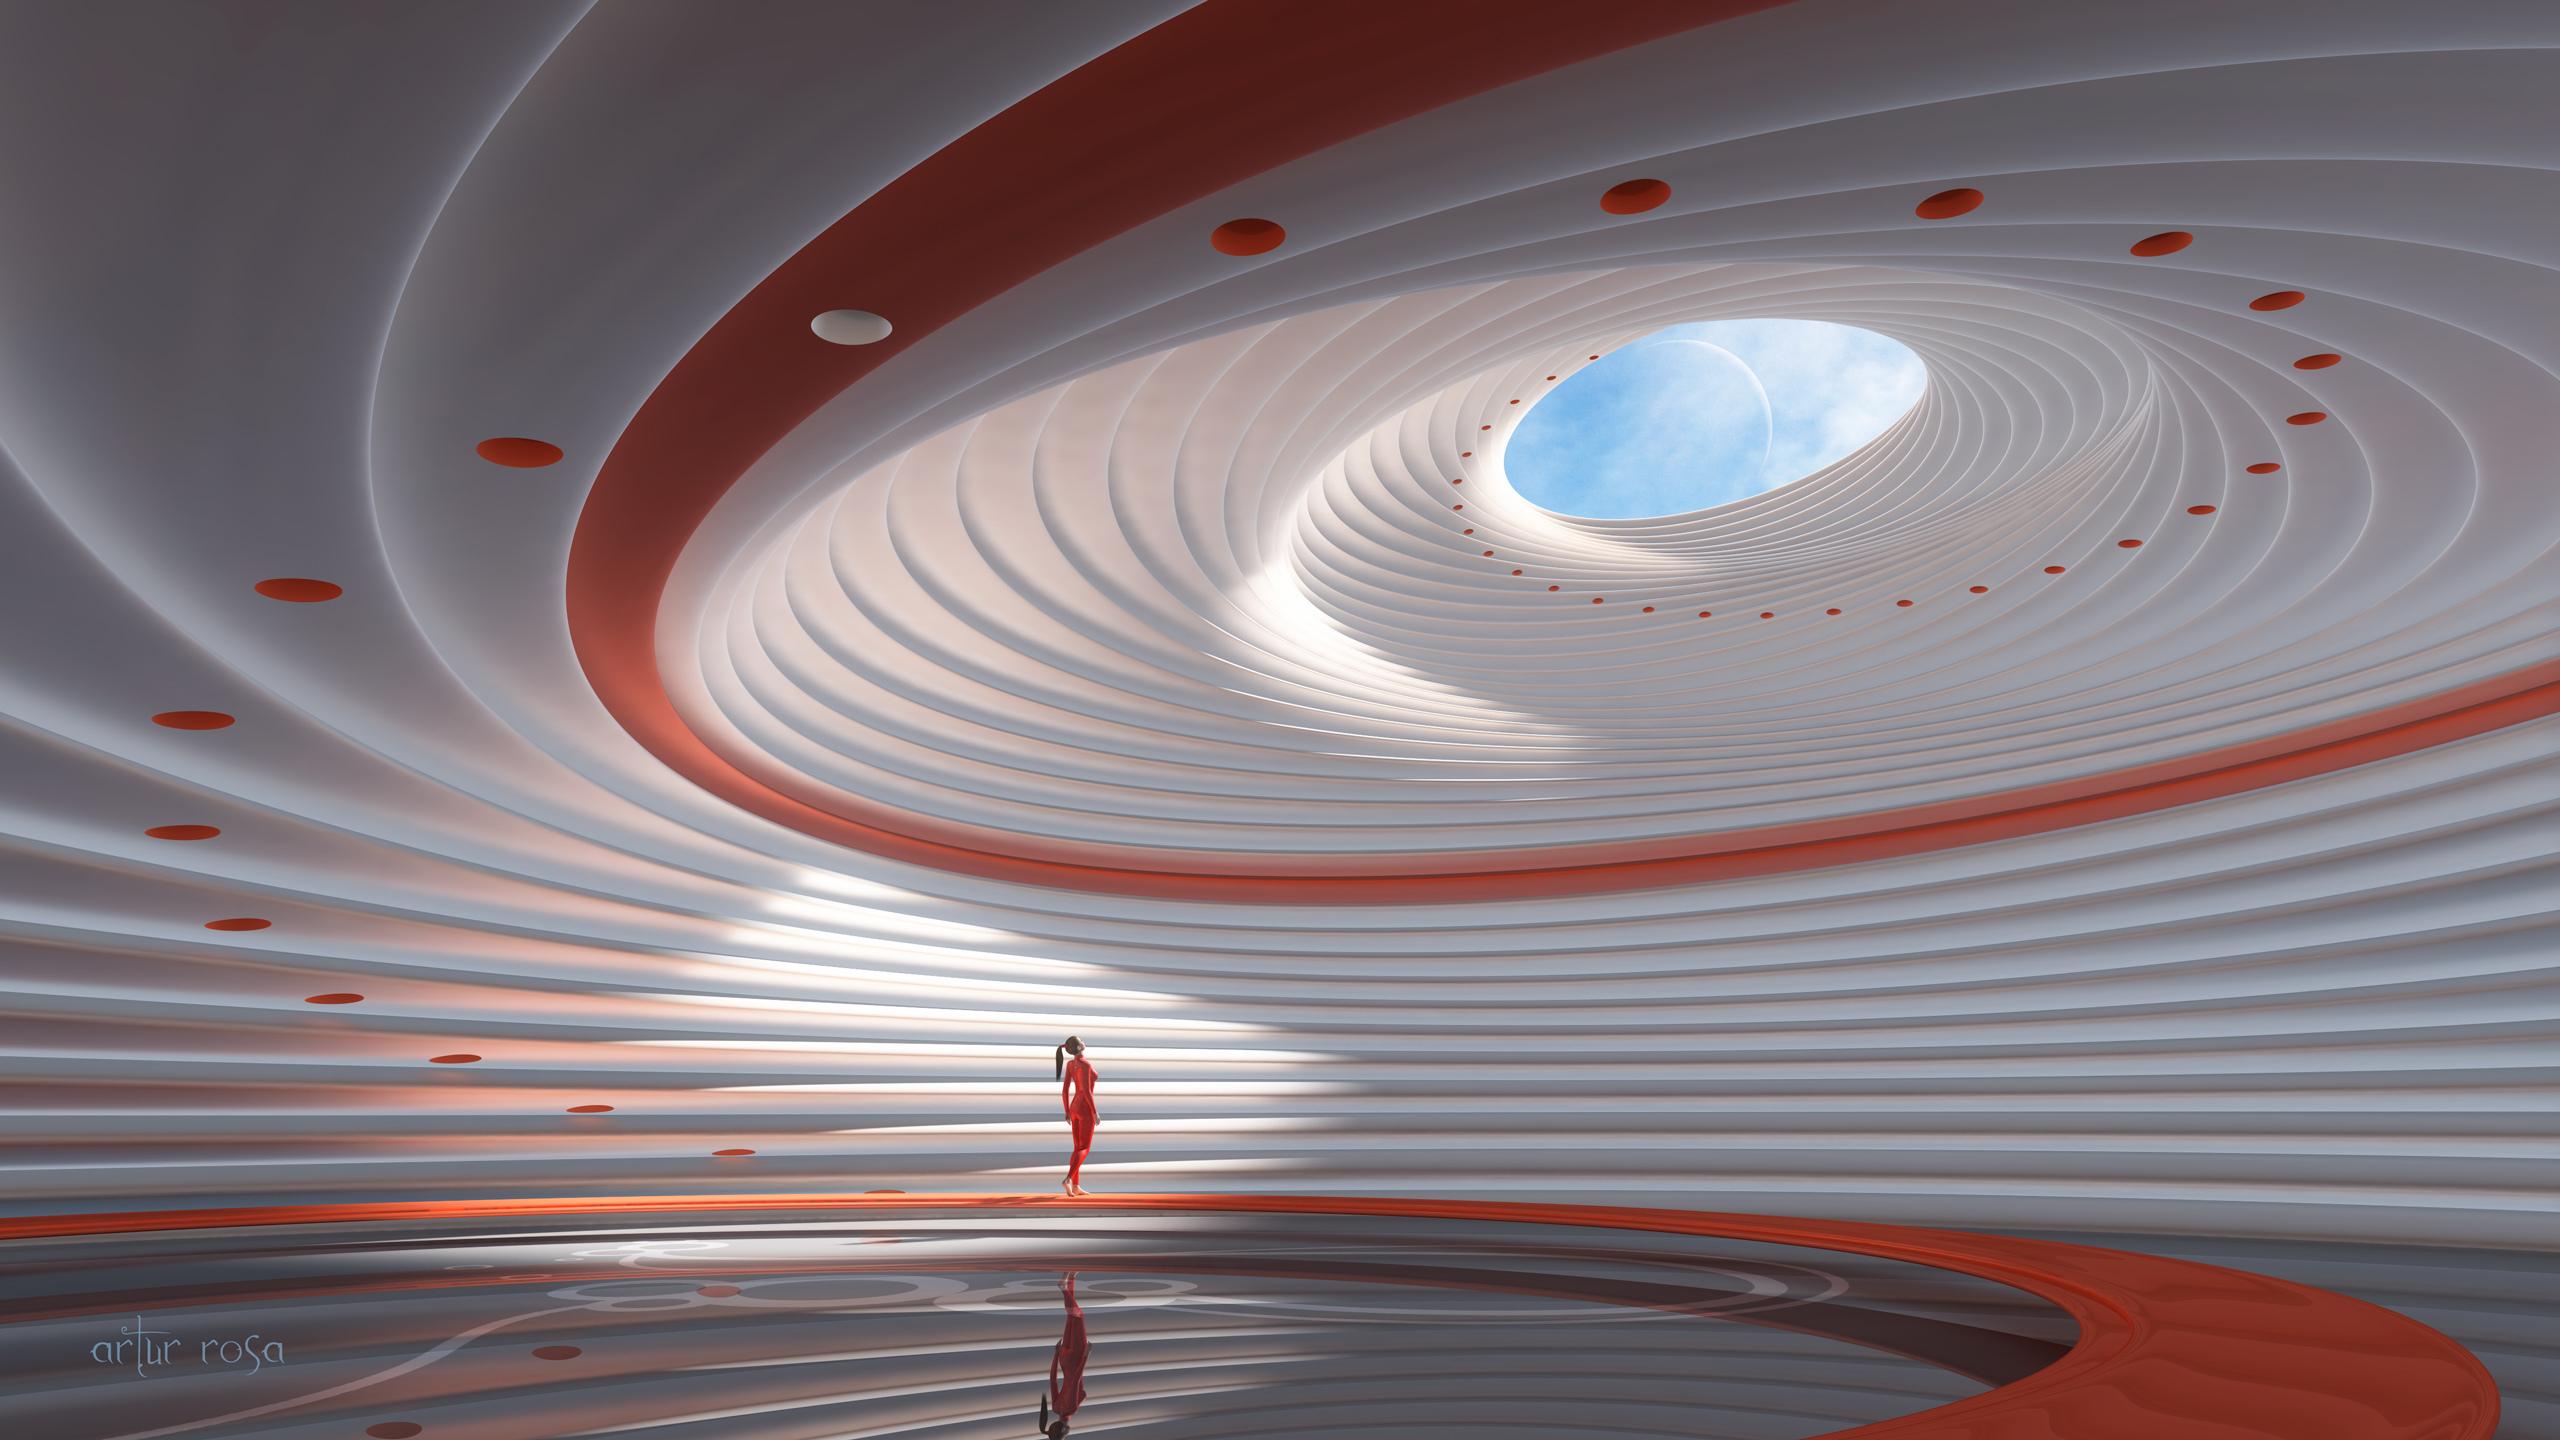 картинки абстракций на потолках качестве примера